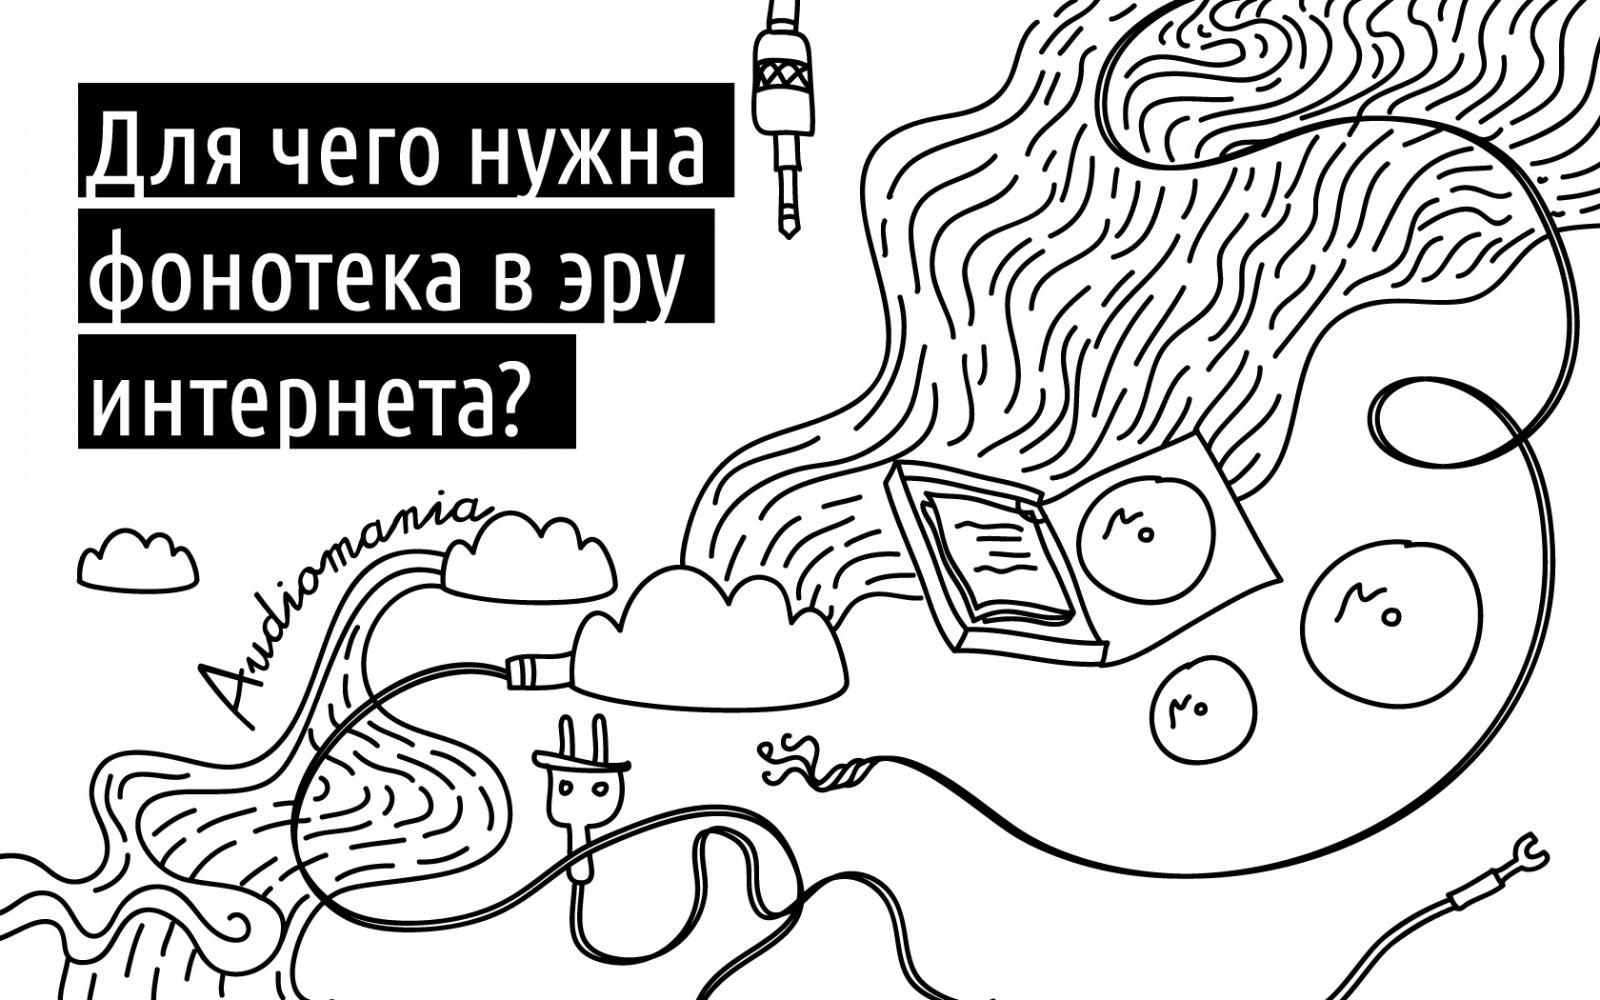 Для чего нужна фонотека в эру интернета? - 1